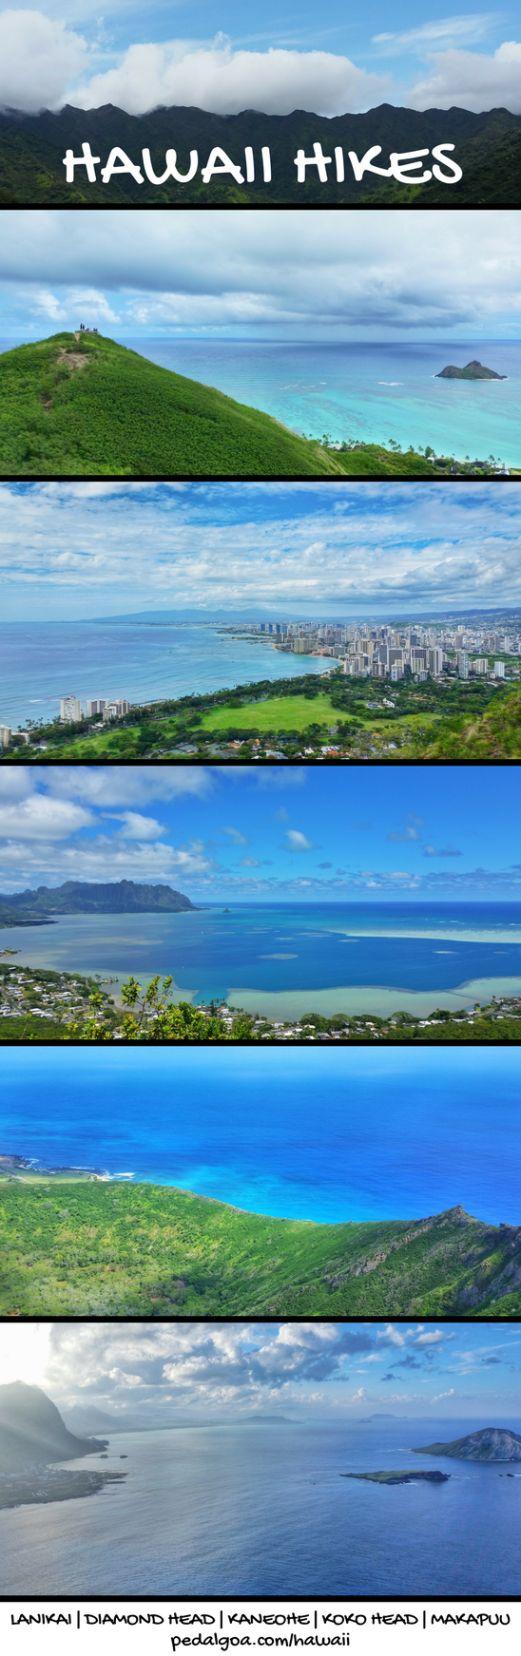 Oahu Hawaii hikes Best Oahu hikes with